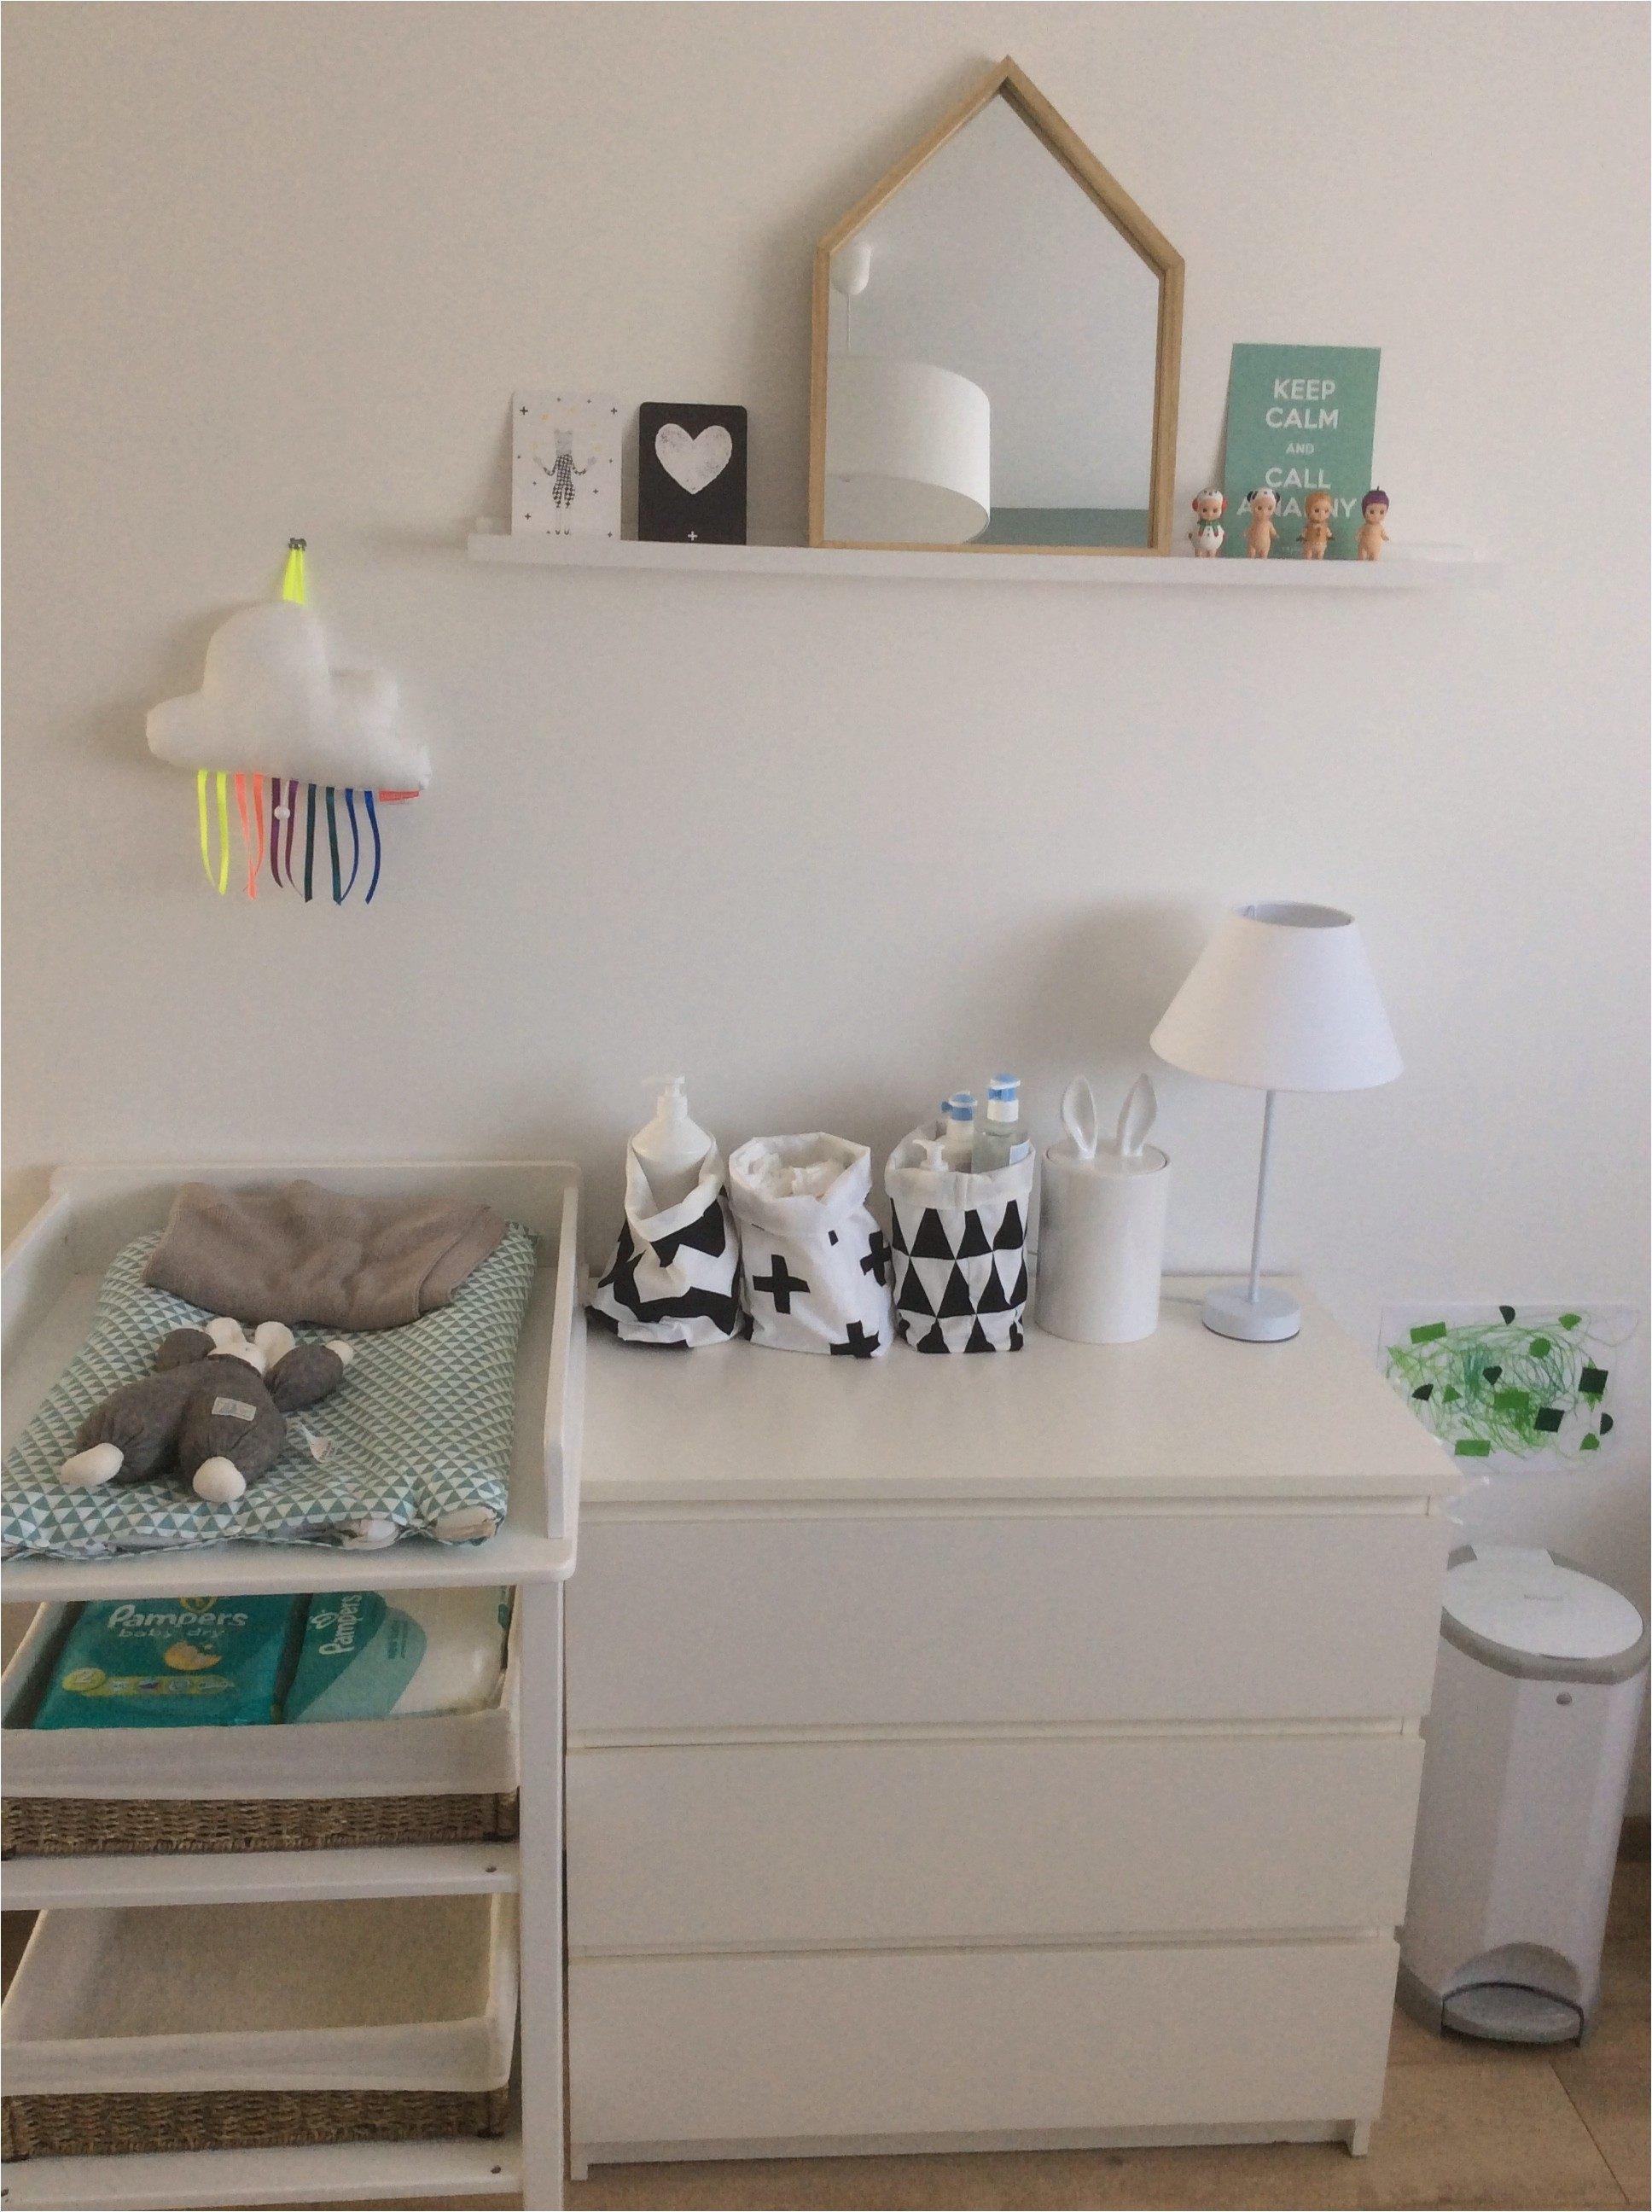 Lit Bébé Hensvik Génial Baignoire Pliante Bébé Beautiful Lit Bebe Luxe 36 Ikea Best De Avec